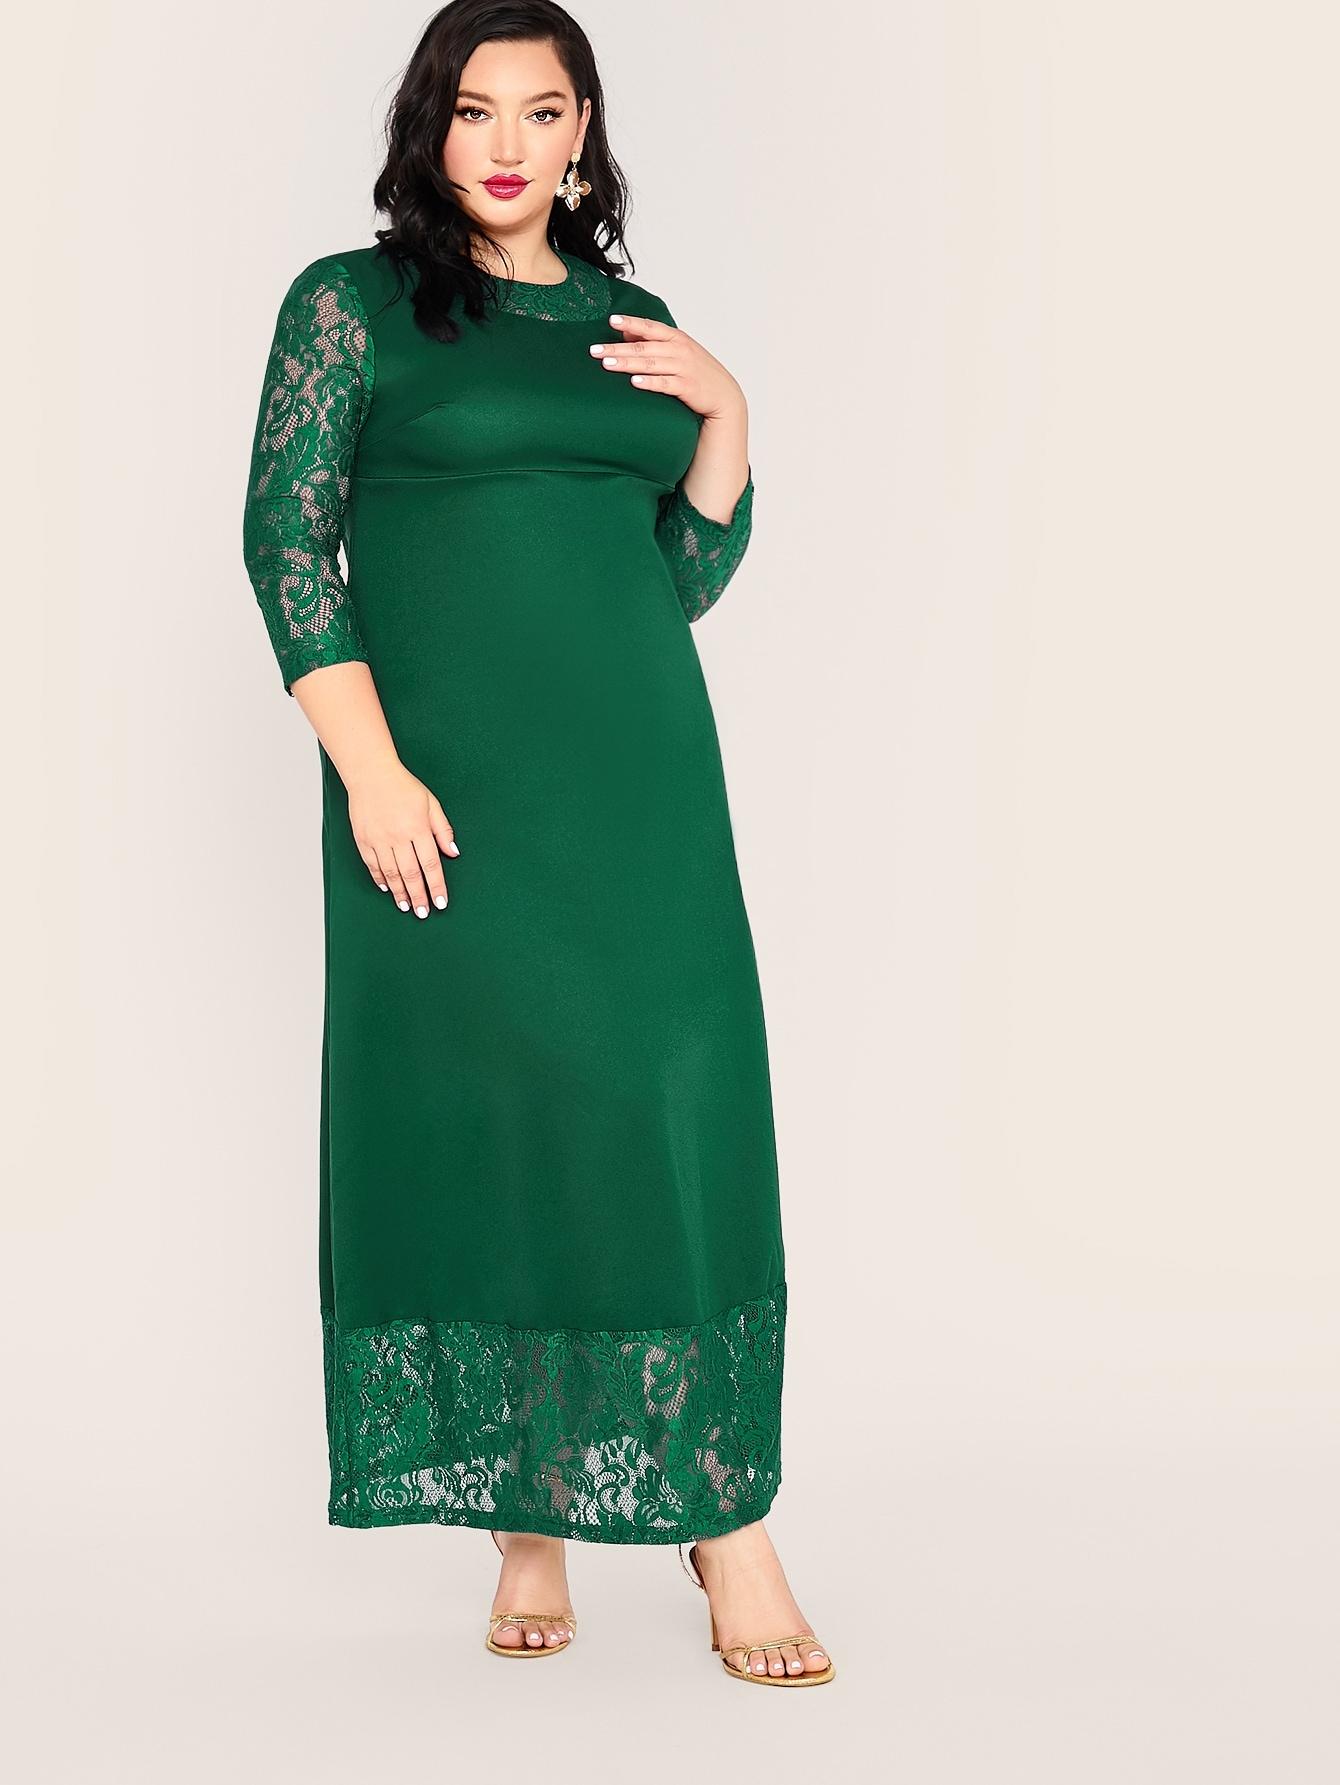 Однотонное платье с кружевной вставкой размера плюс